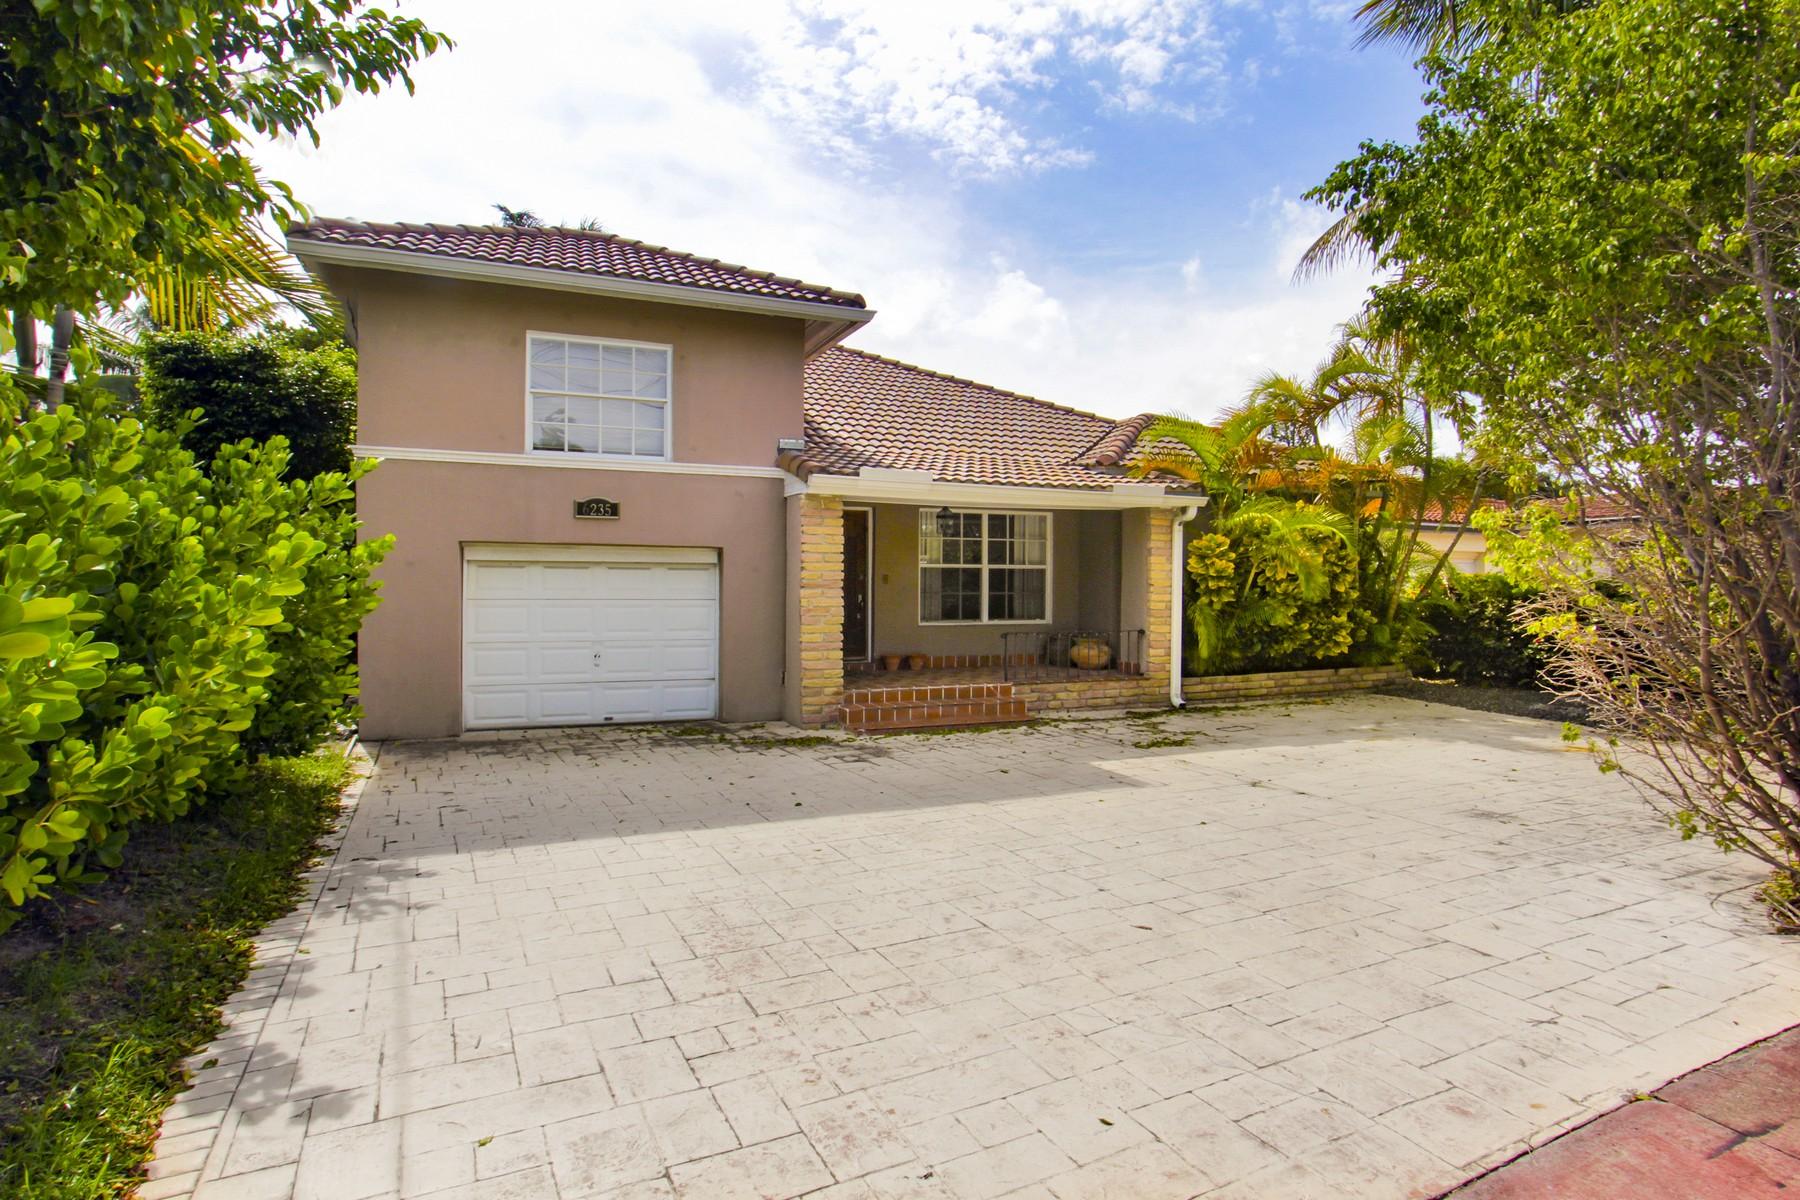 Maison unifamiliale pour l Vente à 6235 Alton Rd Miami Beach, Florida 33139 États-Unis